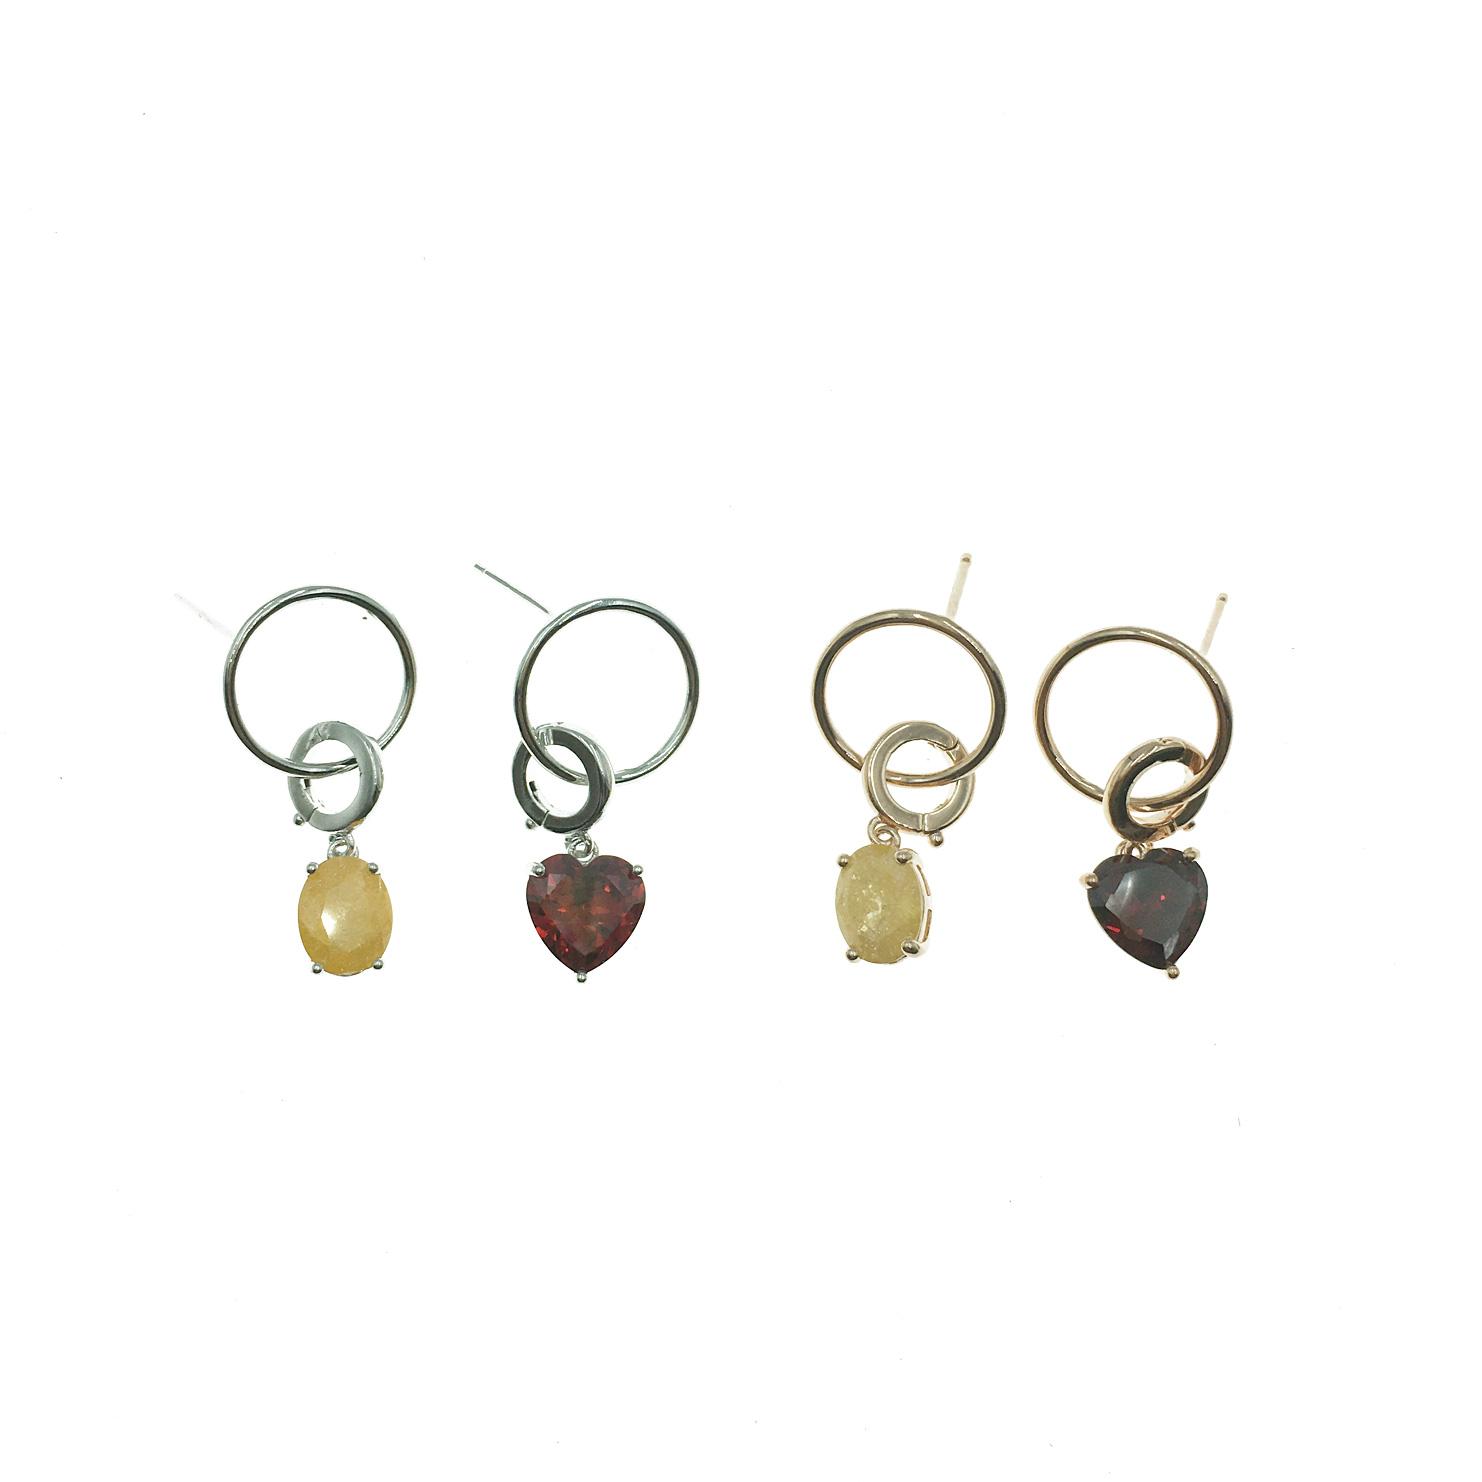 韓國 925純銀 明星款 愛心 紅黃水鑽 不對稱 垂墜 兩色 耳針式 耳環